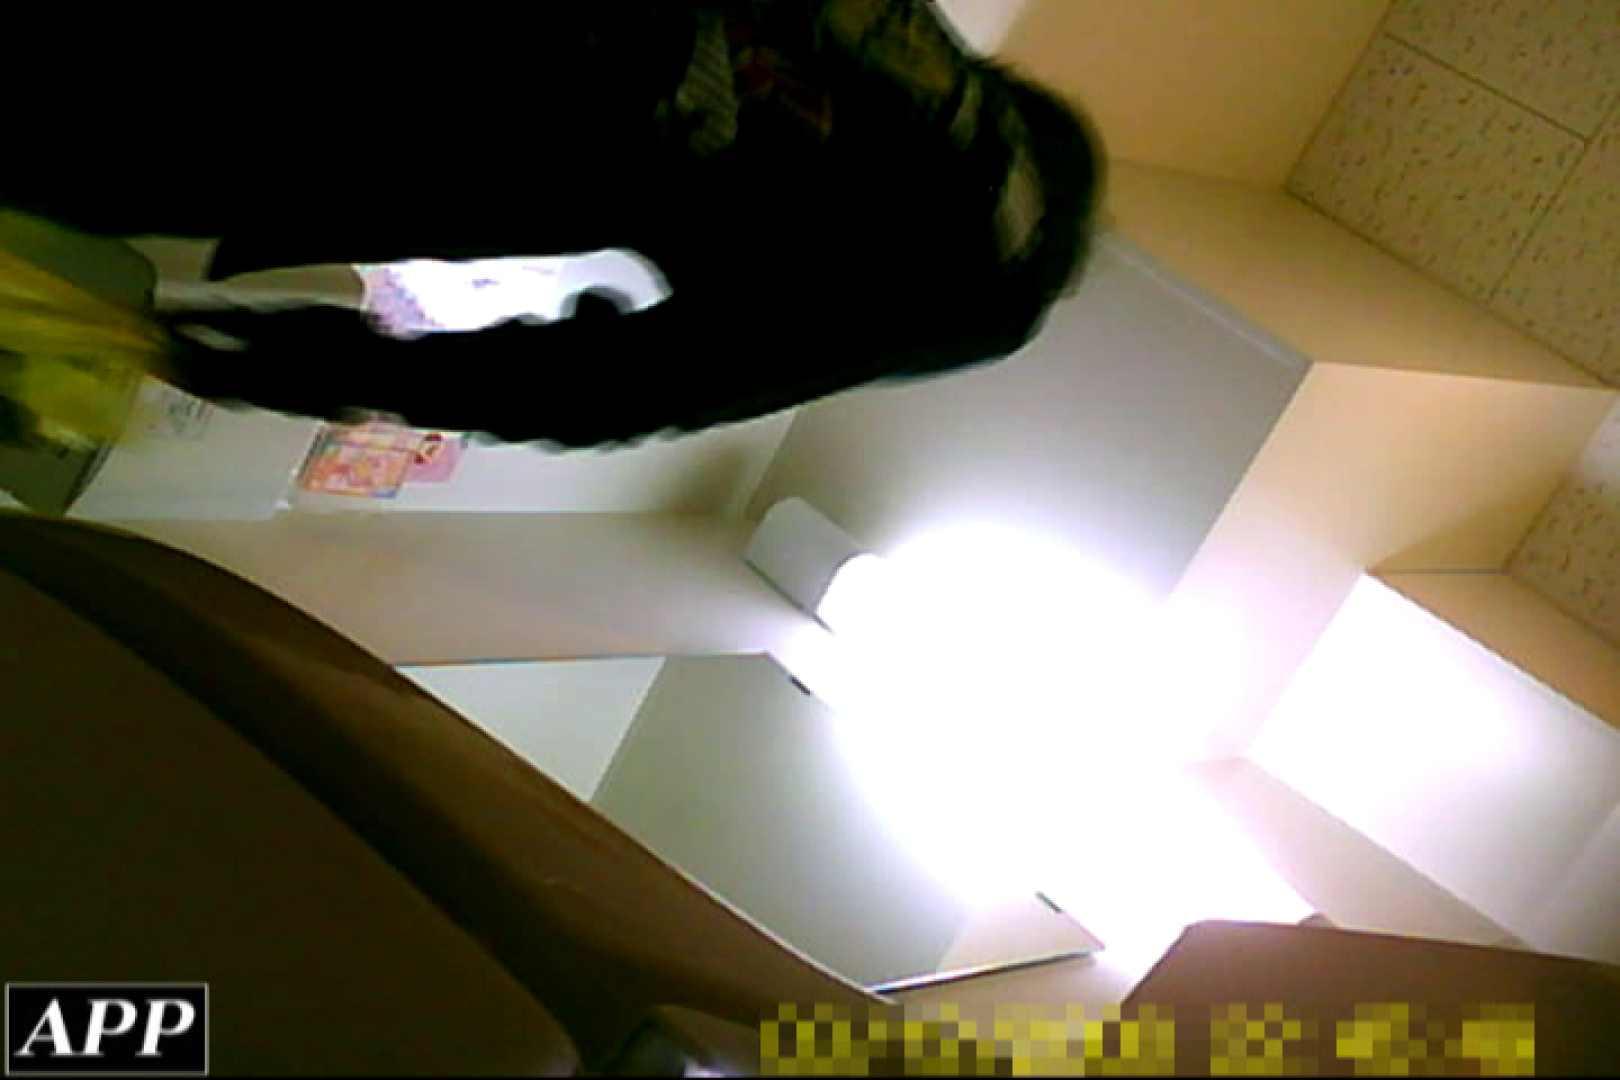 3視点洗面所 vol.12 オマンコ大好き AV動画キャプチャ 69画像 30